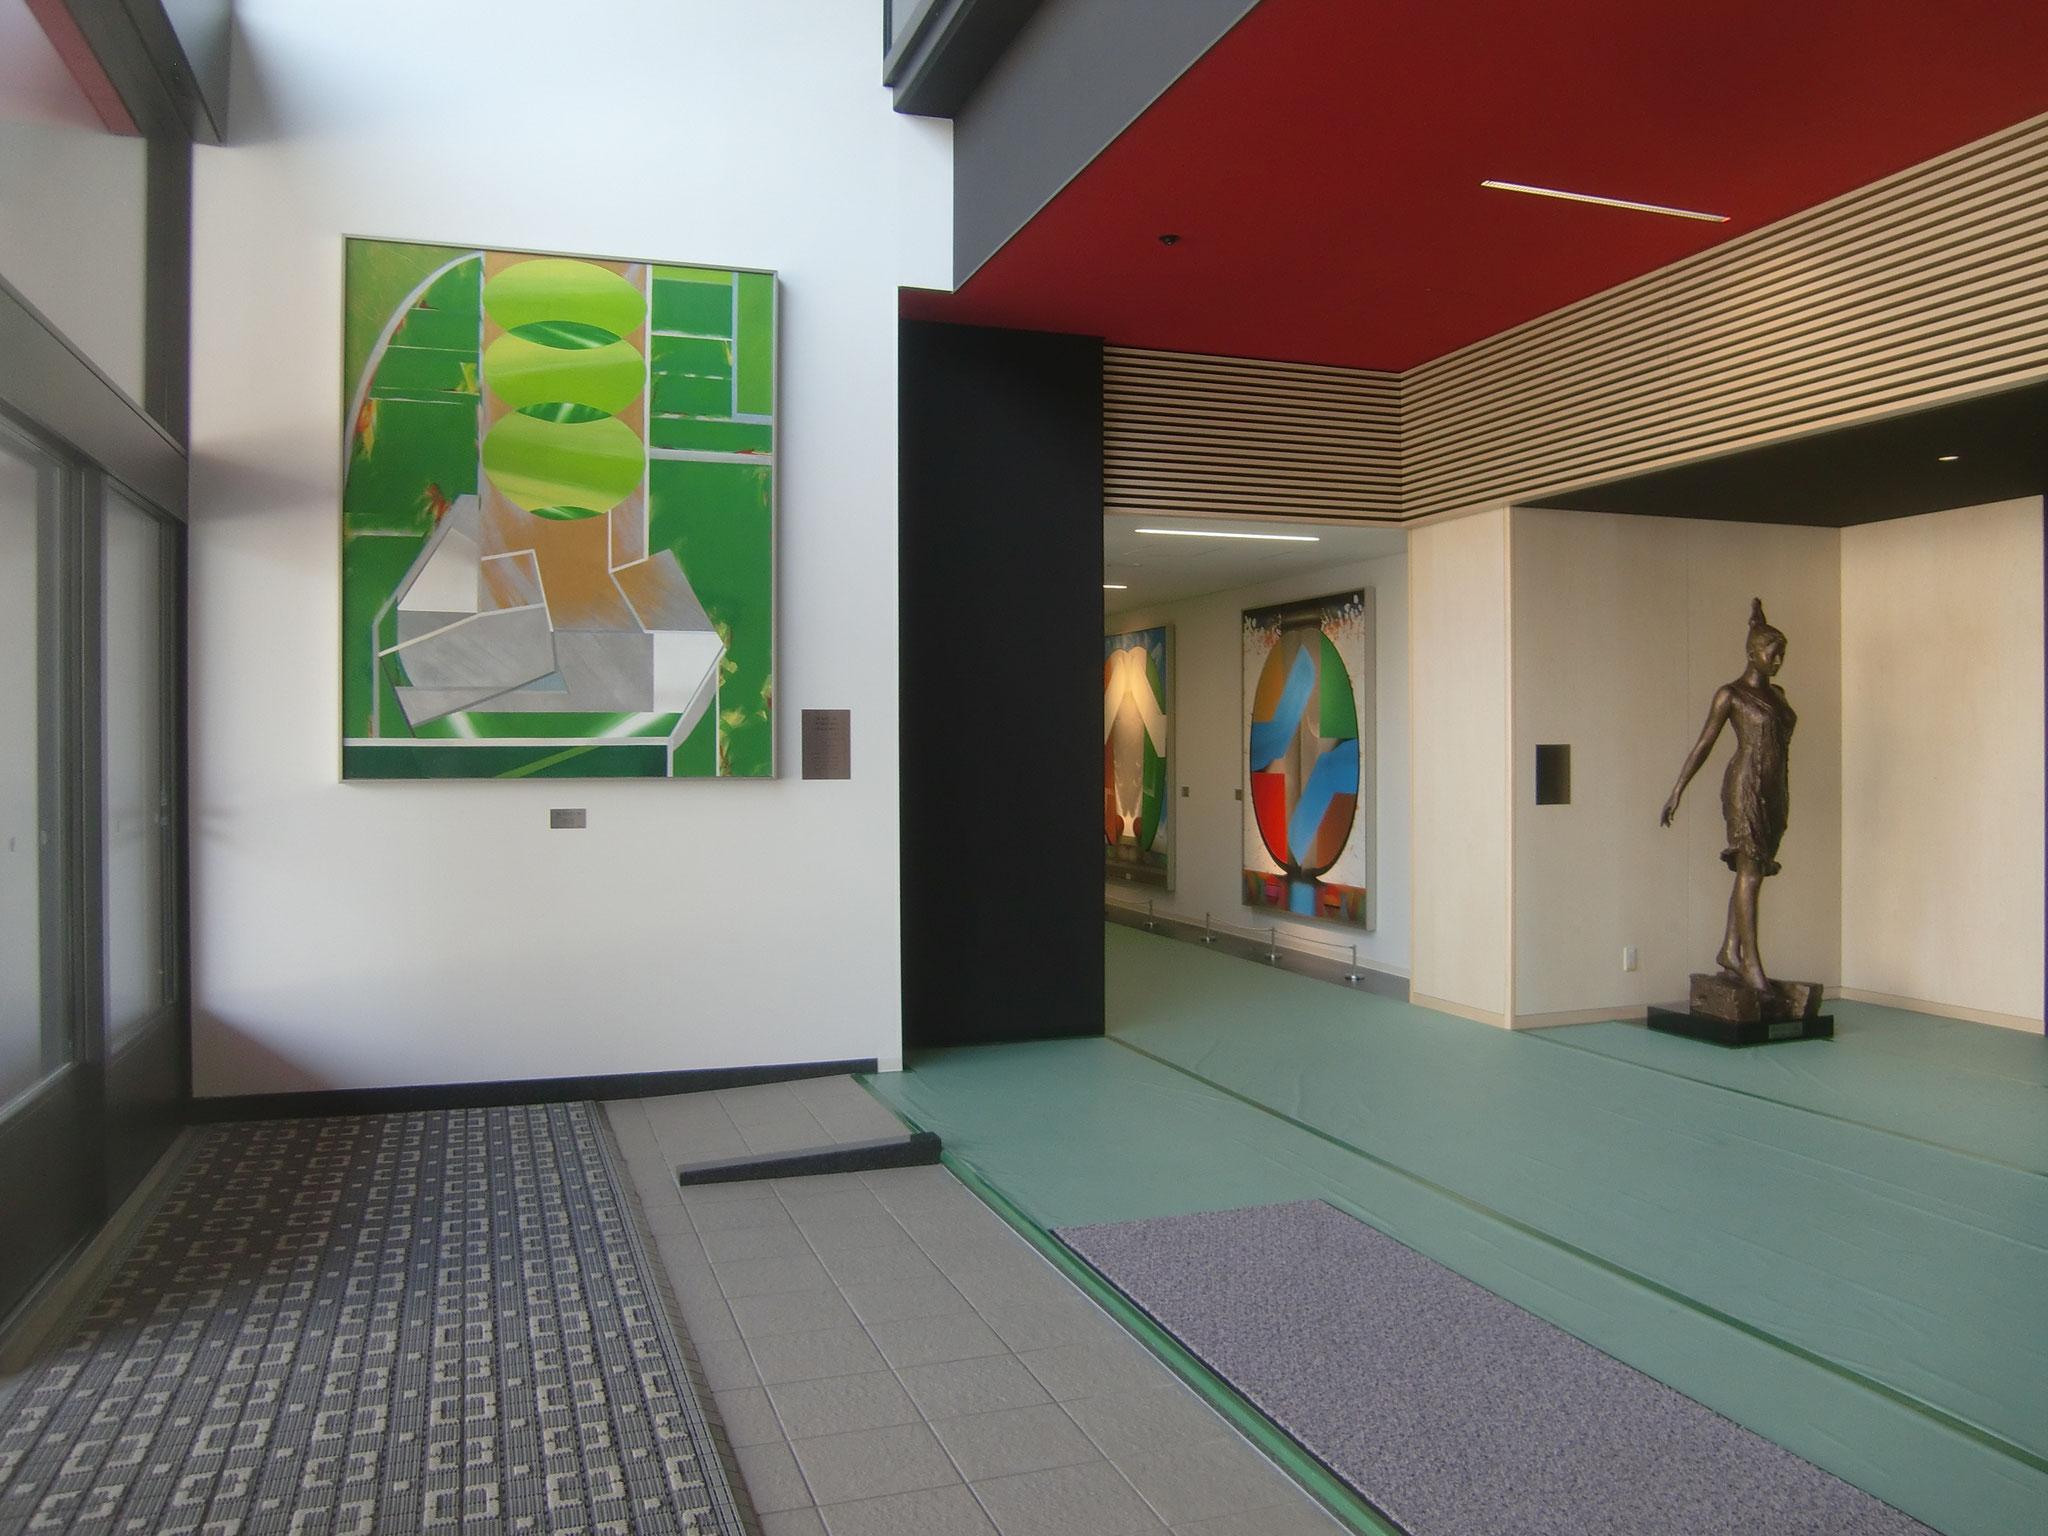 東体育館2階エントランス 「 風2017・Ⅱ」アクリル絵画 大田洋